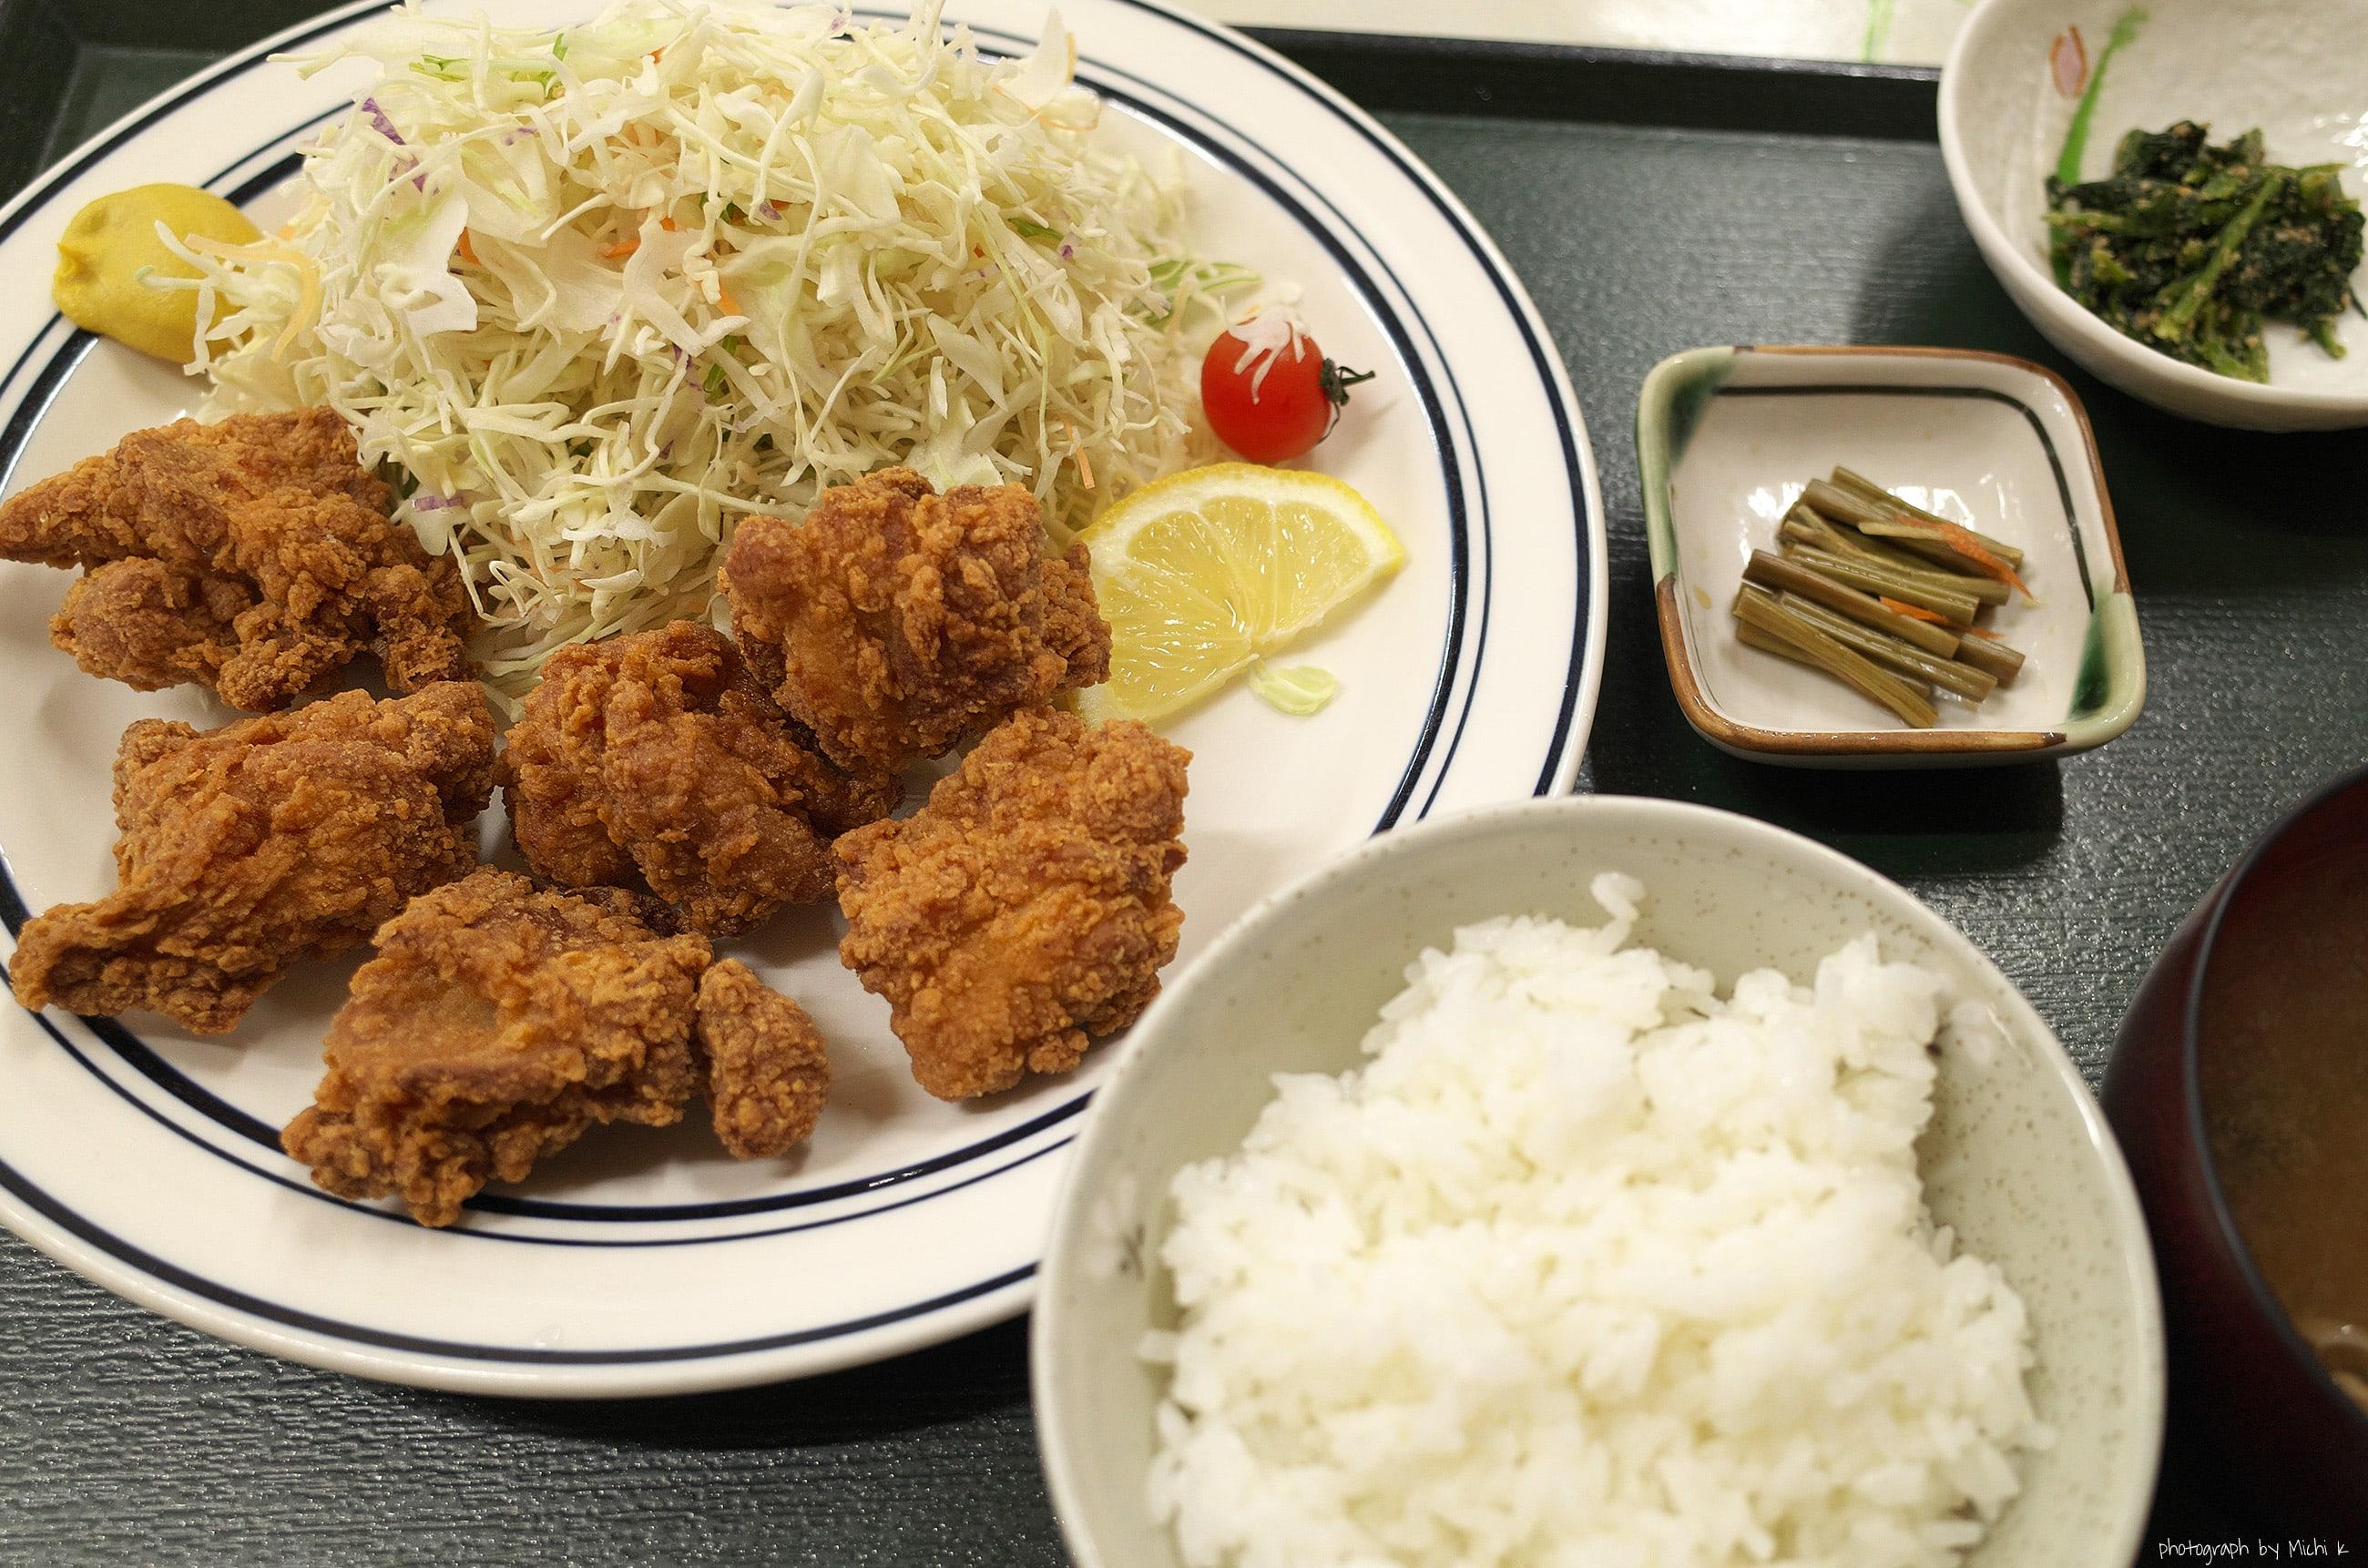 山形県遊佐町にある道の駅「鳥海 ふらっと」で食べた鳥のからあげ定食、写真その1。